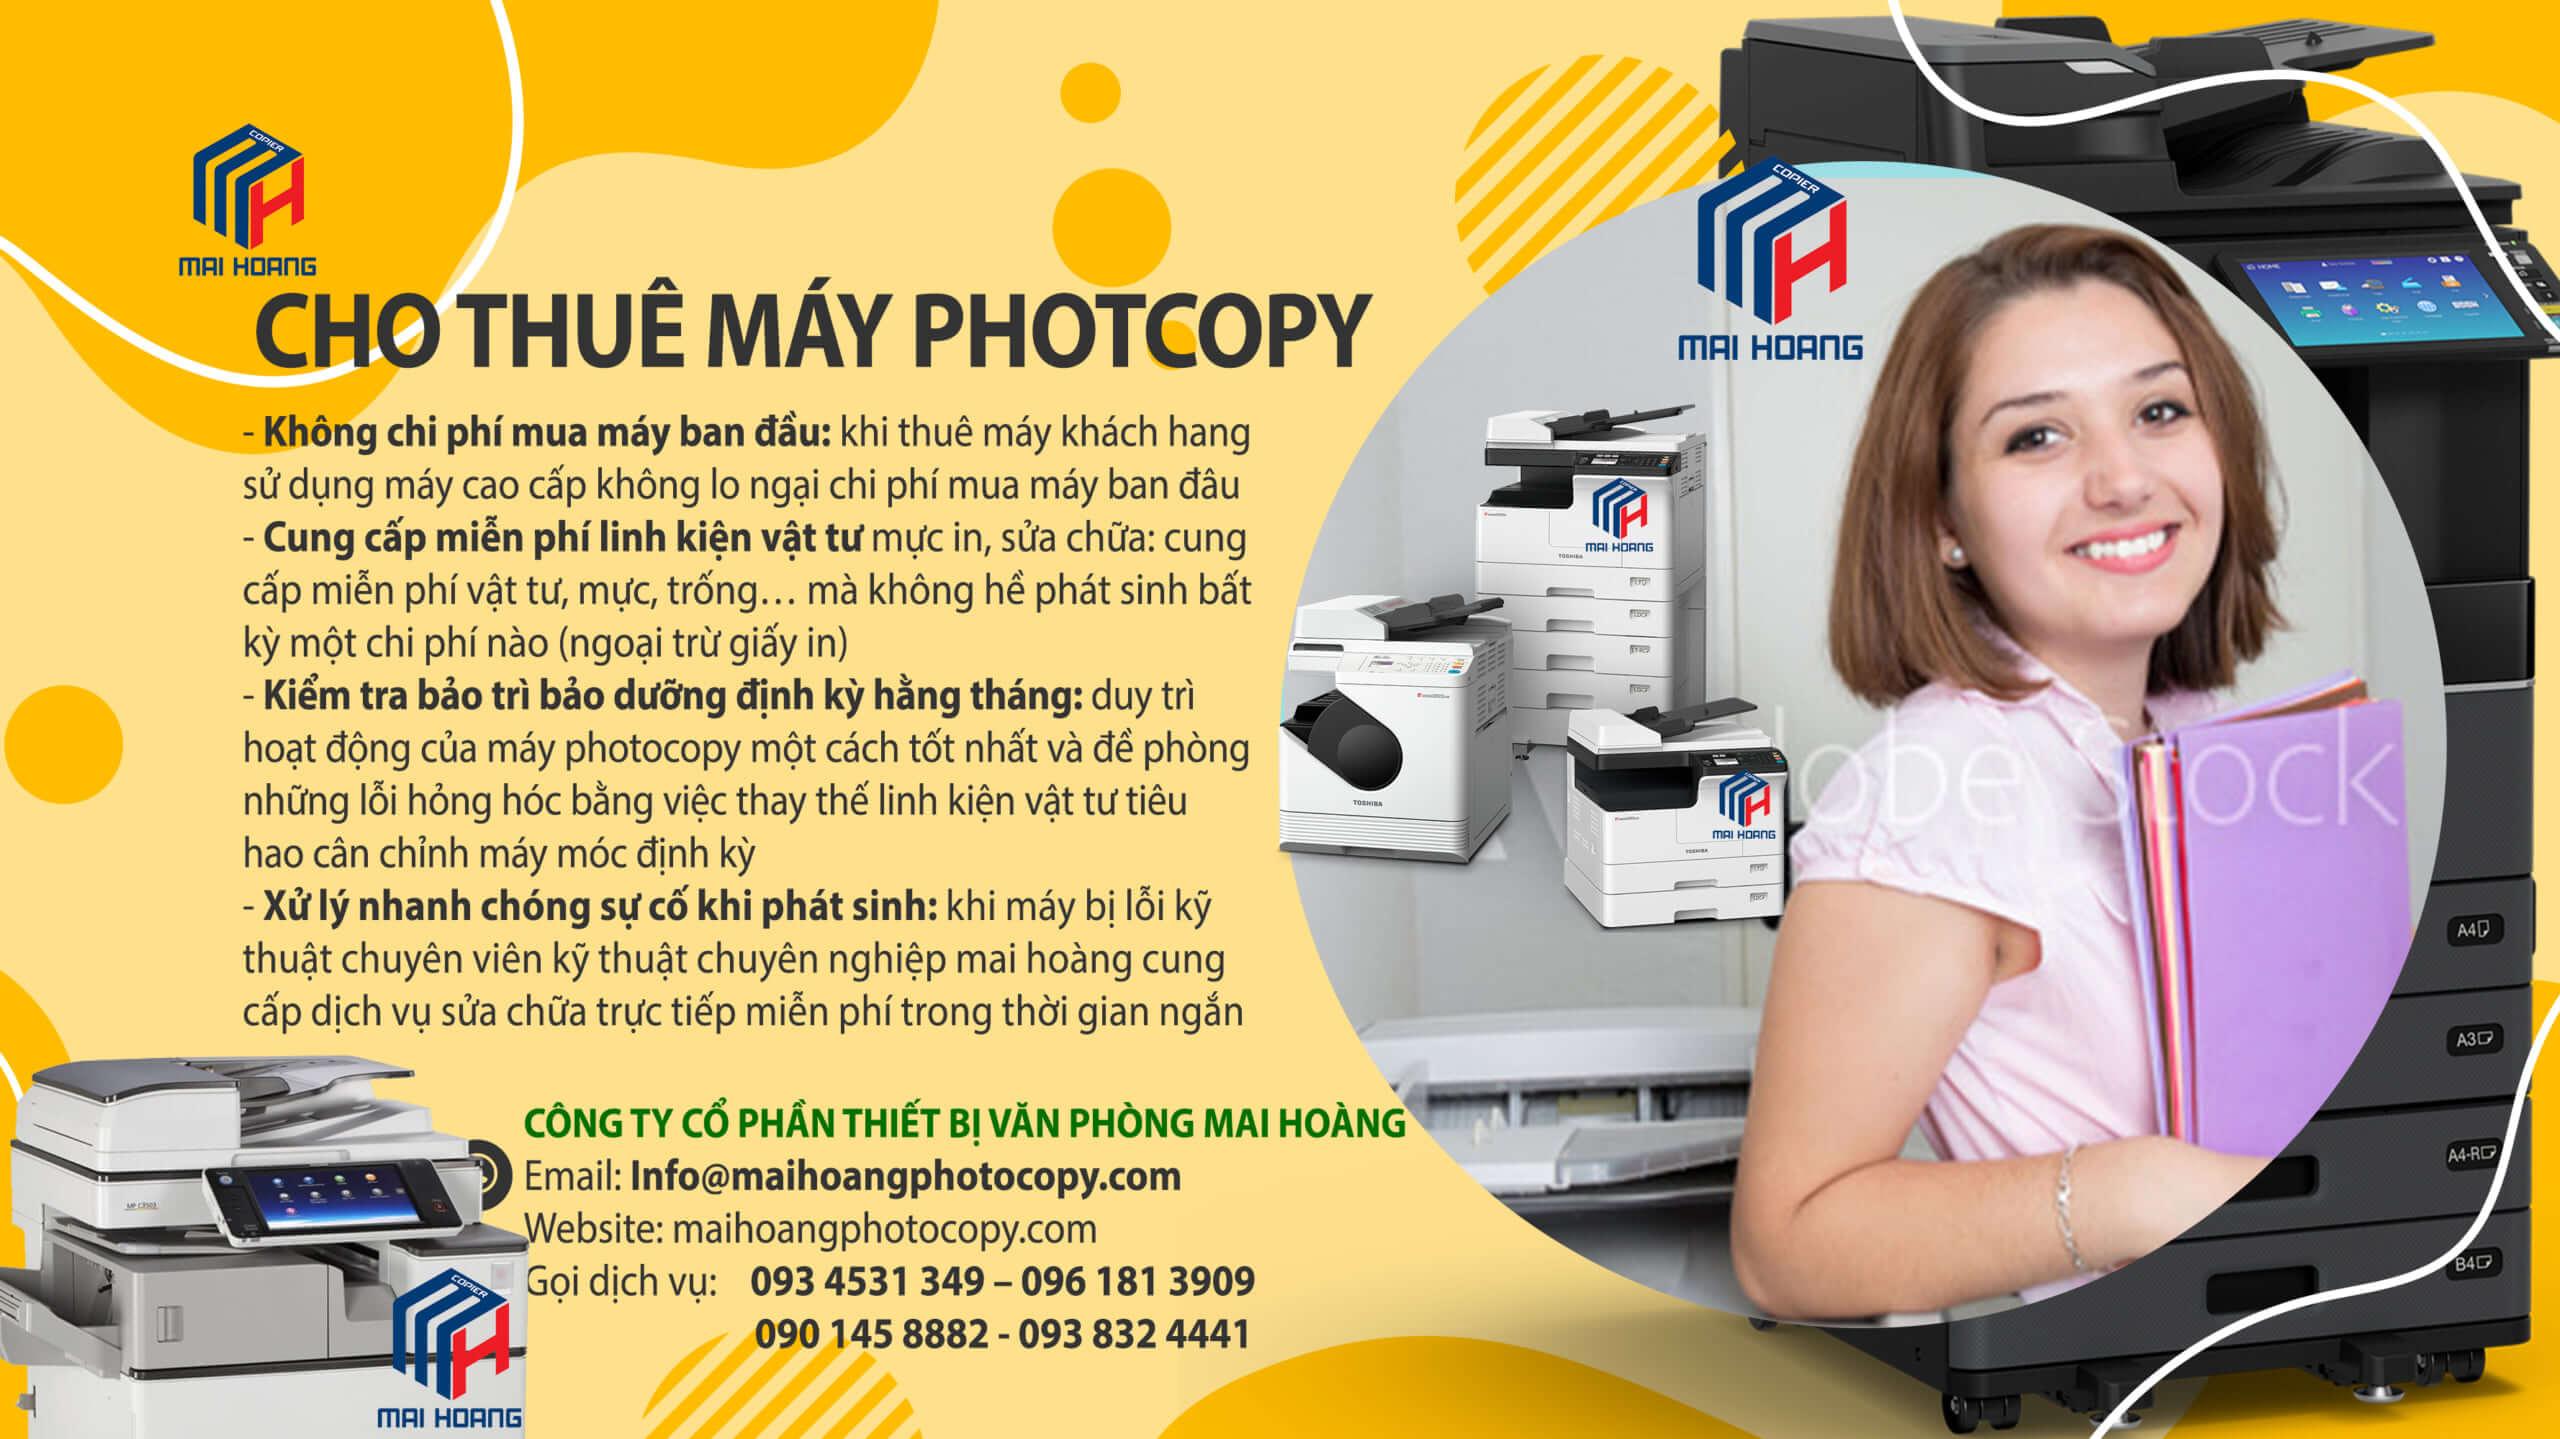 Hướng Dẫn Về Dịch Vụ Cho Thuê Máy Photocopy